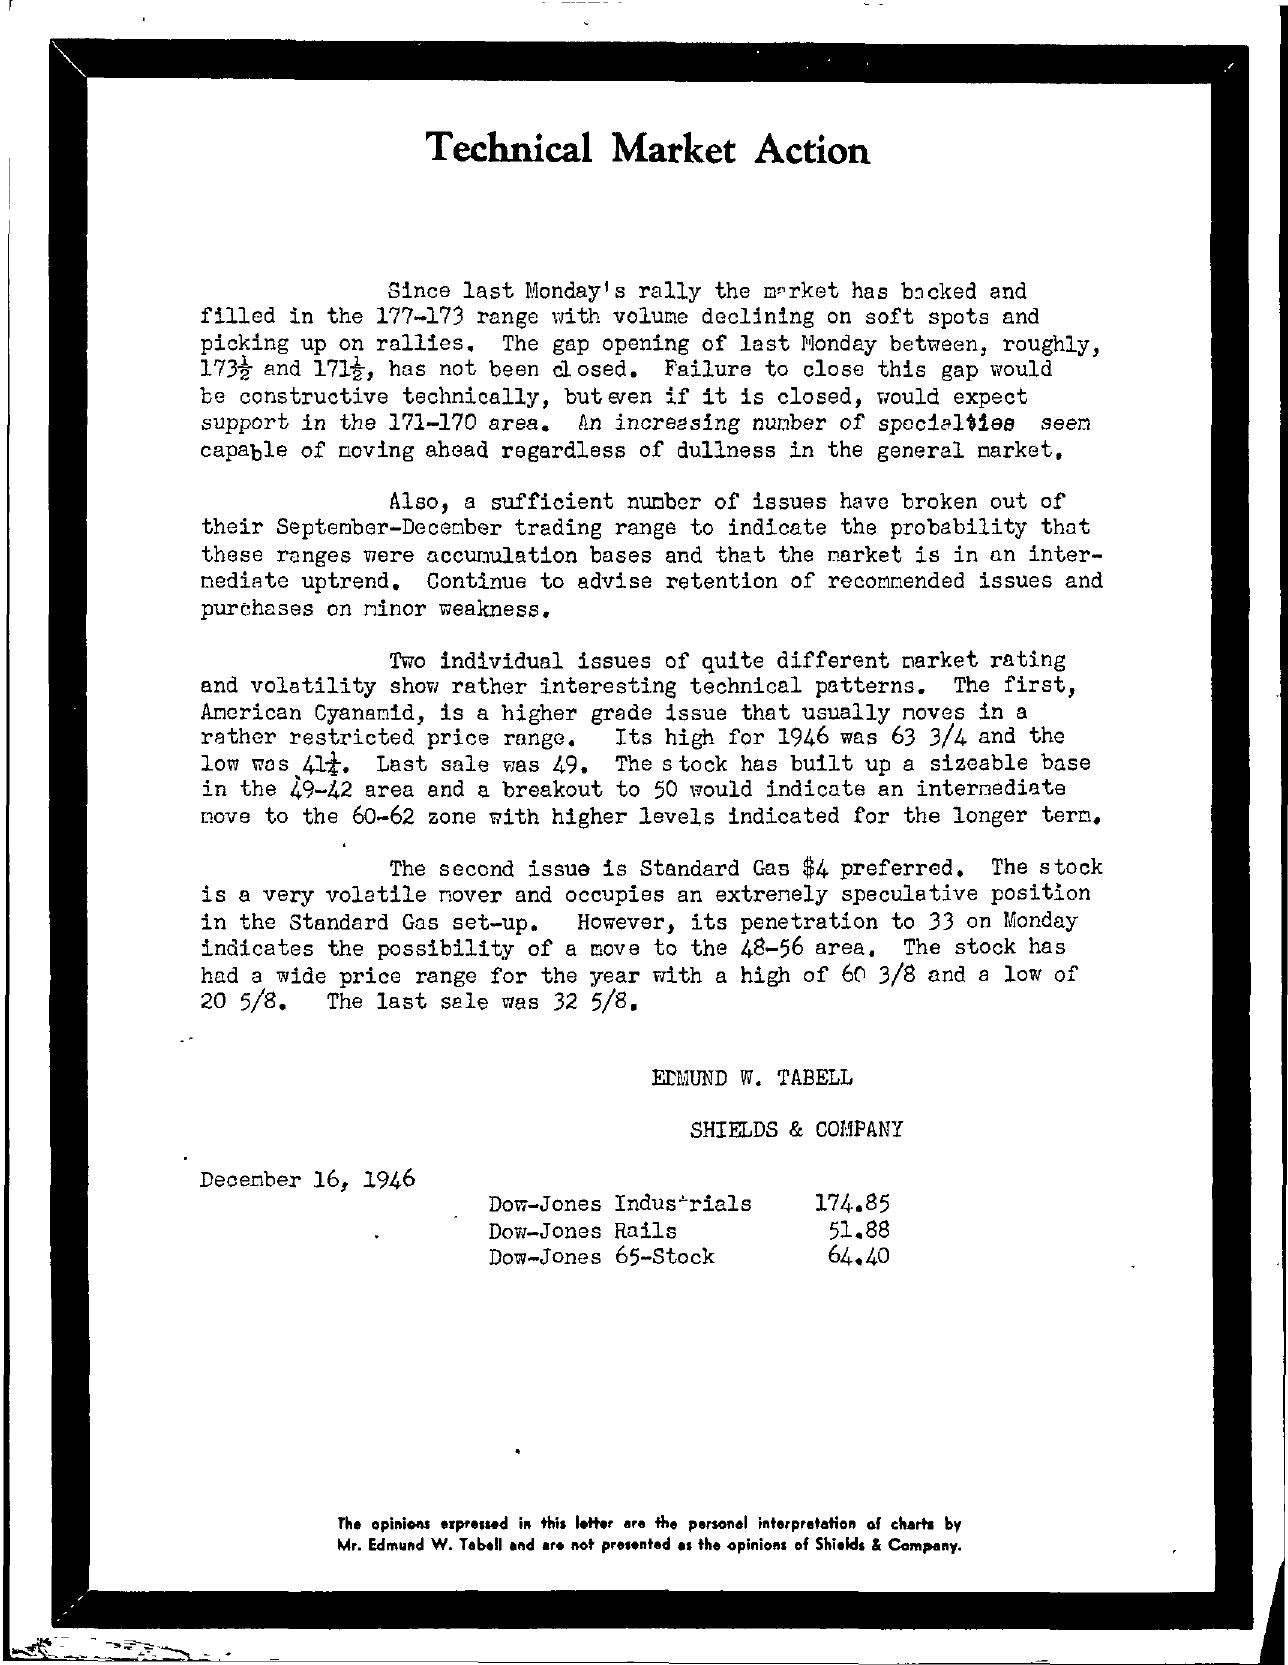 Tabell's Market Letter - December 16, 1946